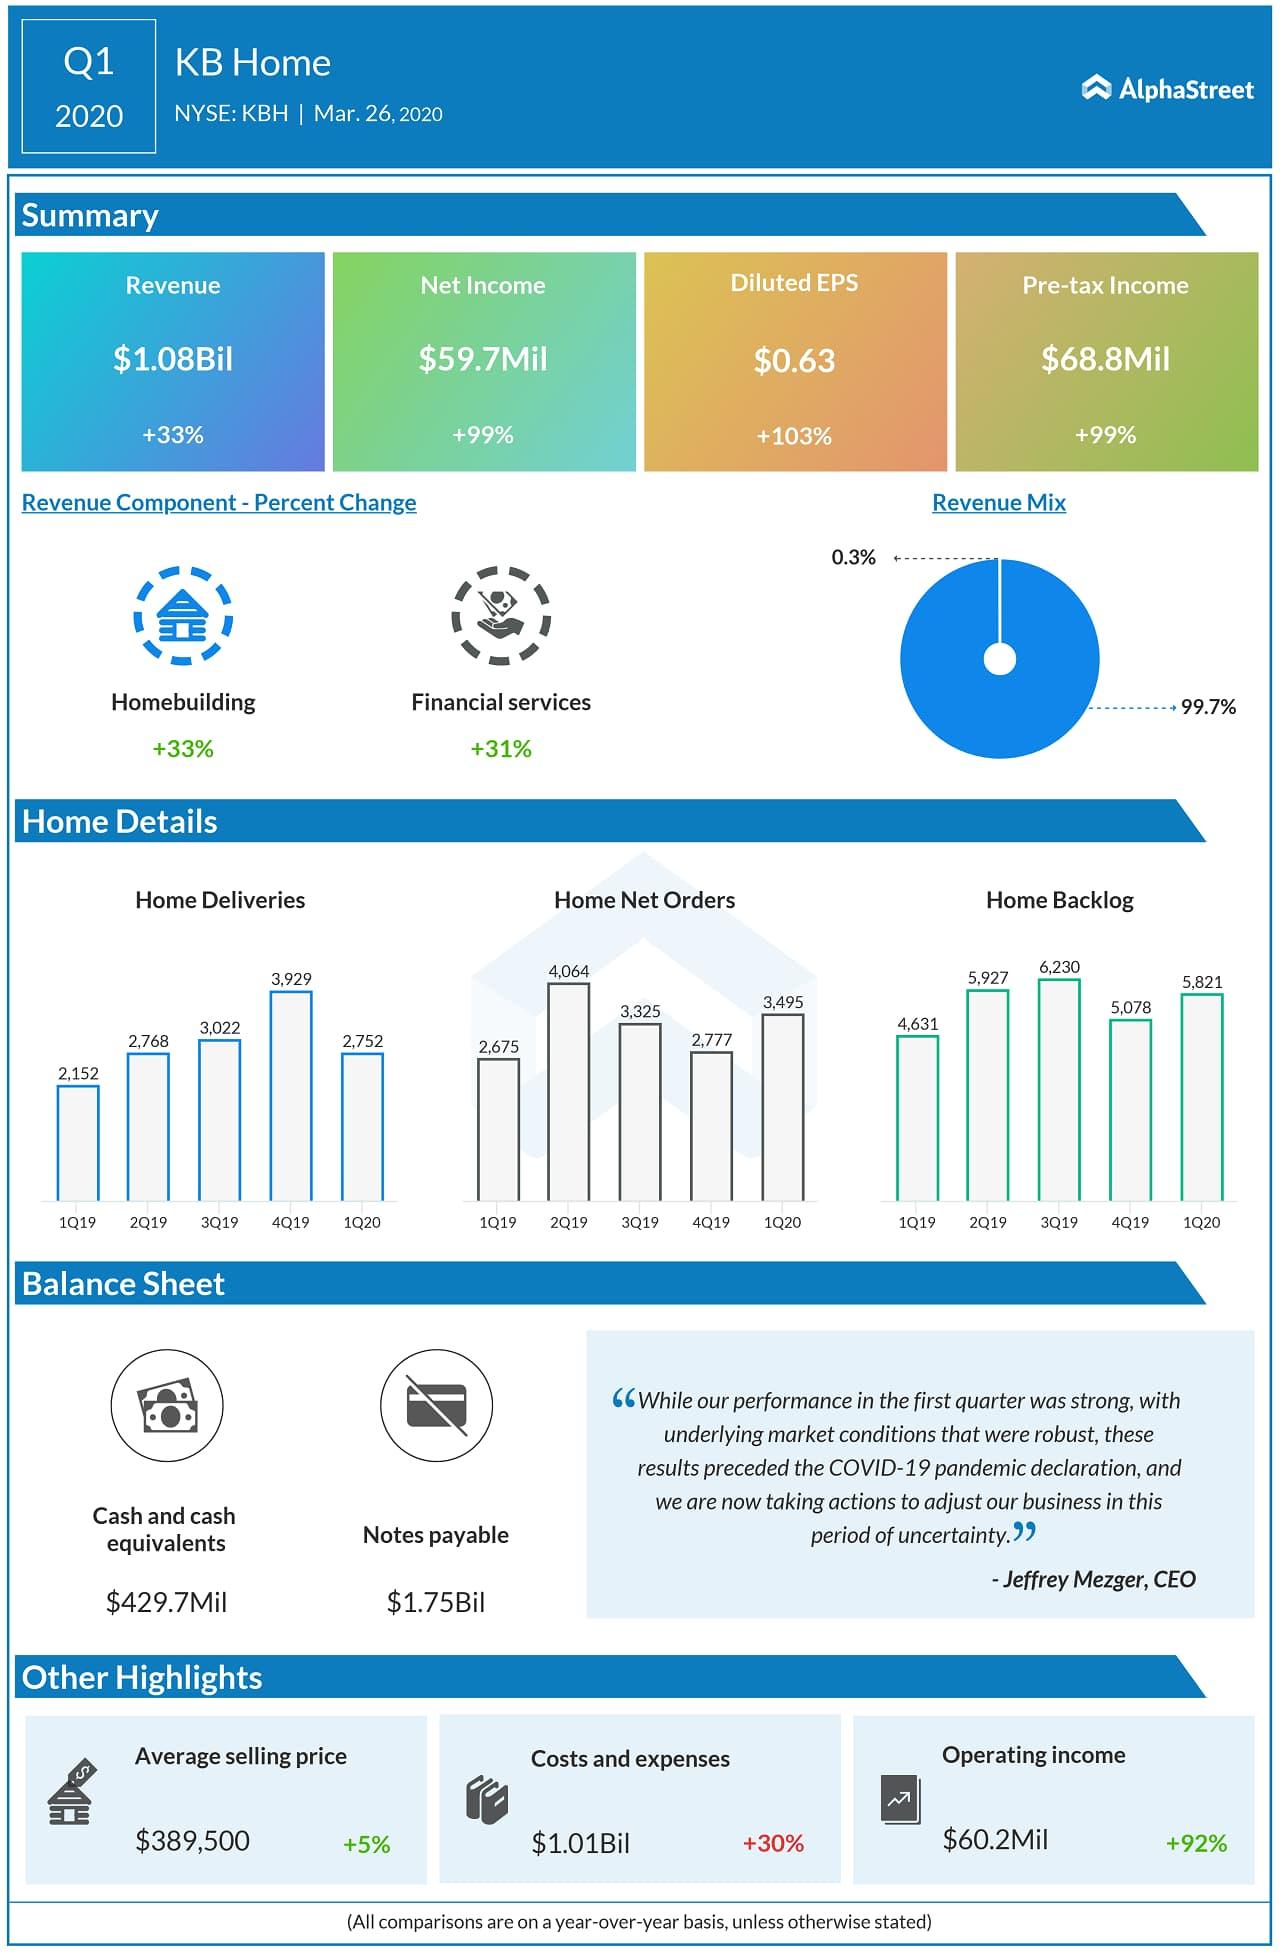 KB Home (KBH) Q1 2020 Earnings Infographic